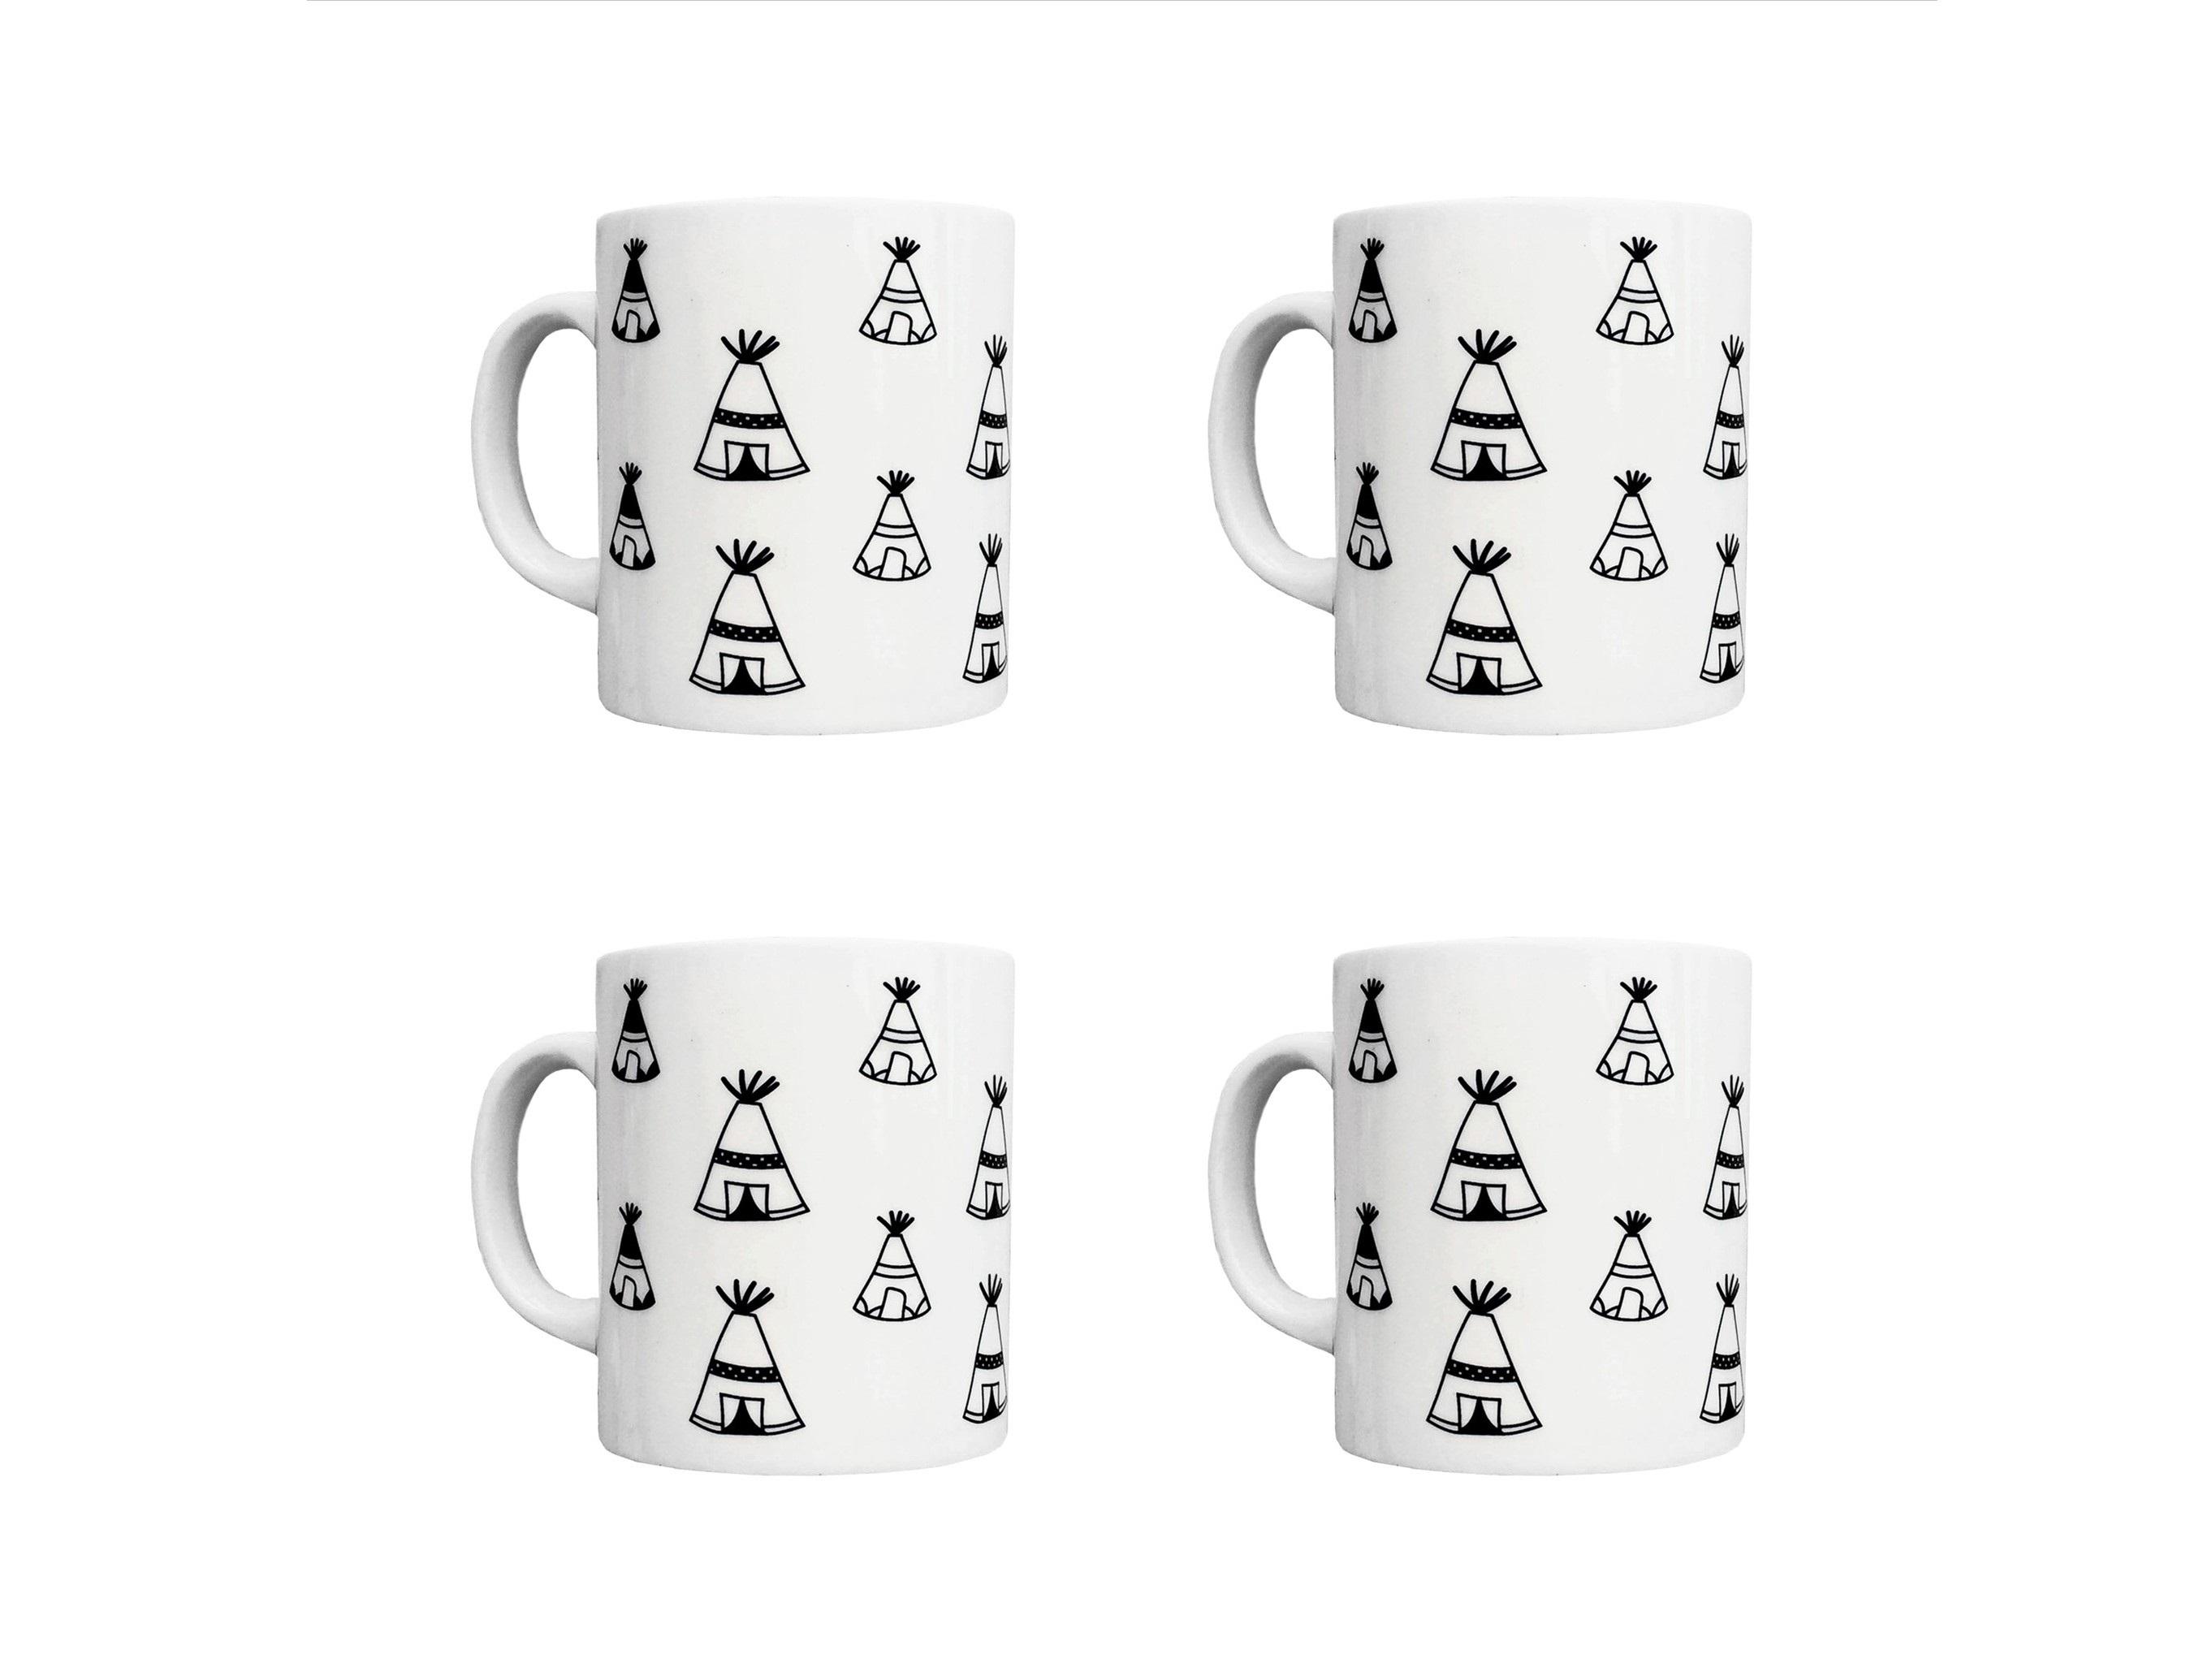 Набор кружек Вигвам (4 шт)Чайные пары, чашки и кружки<br>Посуду можно использовать в микроволновой печи и посудомоечной машине.&amp;amp;nbsp;&amp;lt;div&amp;gt;&amp;lt;br&amp;gt;&amp;lt;/div&amp;gt;&amp;lt;div&amp;gt;В комплект входят: Кружка 300 мл - 4 шт.&amp;lt;/div&amp;gt;<br><br>Material: Фарфор<br>Высота см: 9